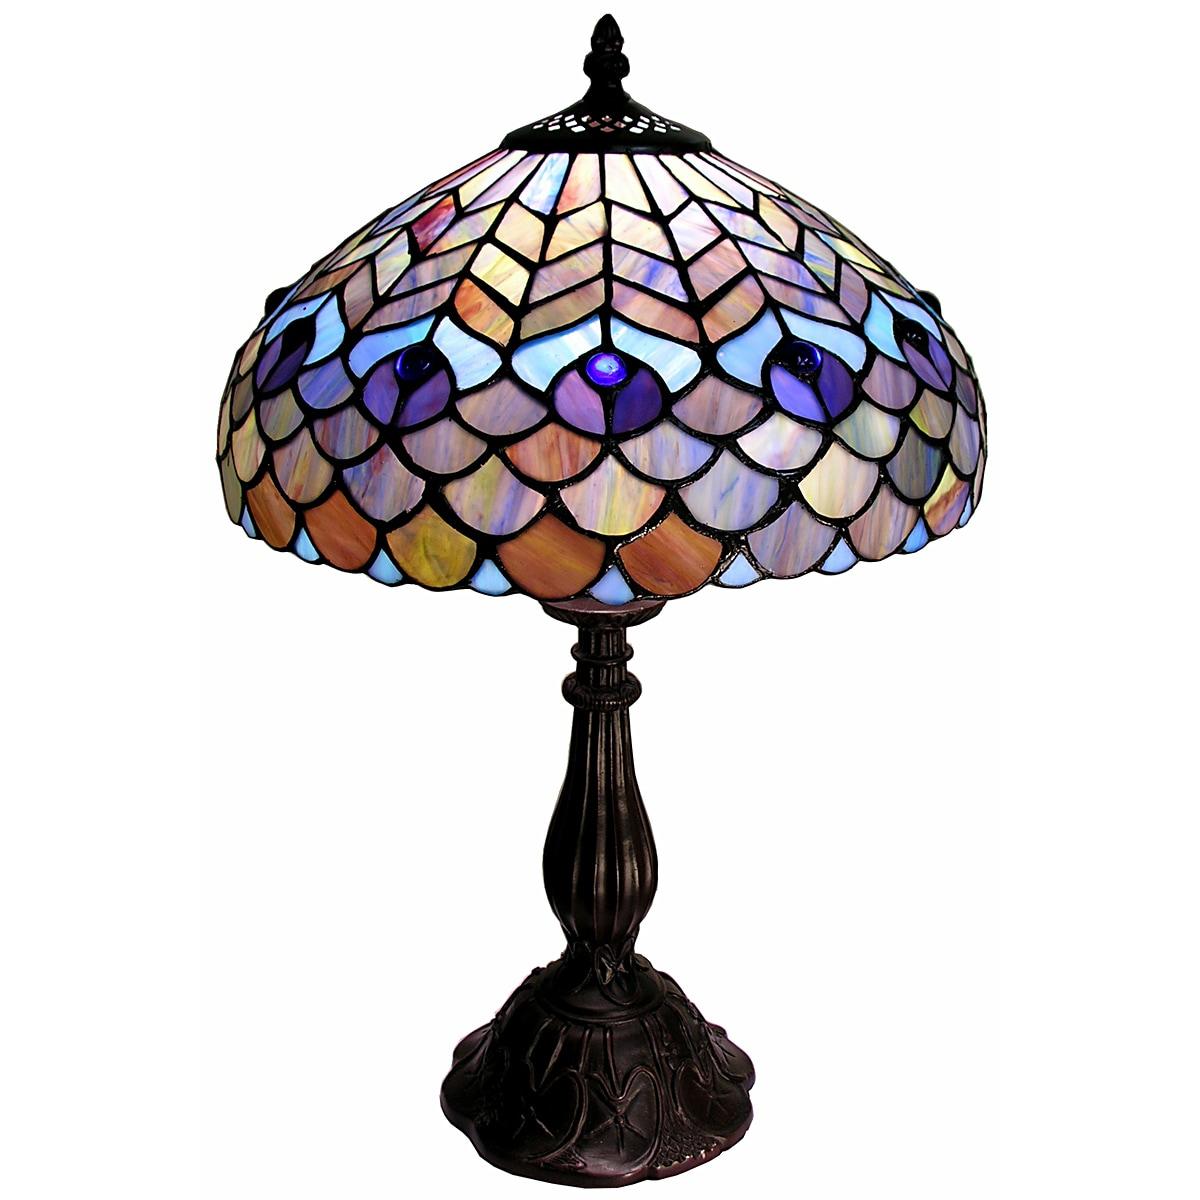 Warehouse of Tiffany Tiffany-style Peacock Table Lamp, Bl...